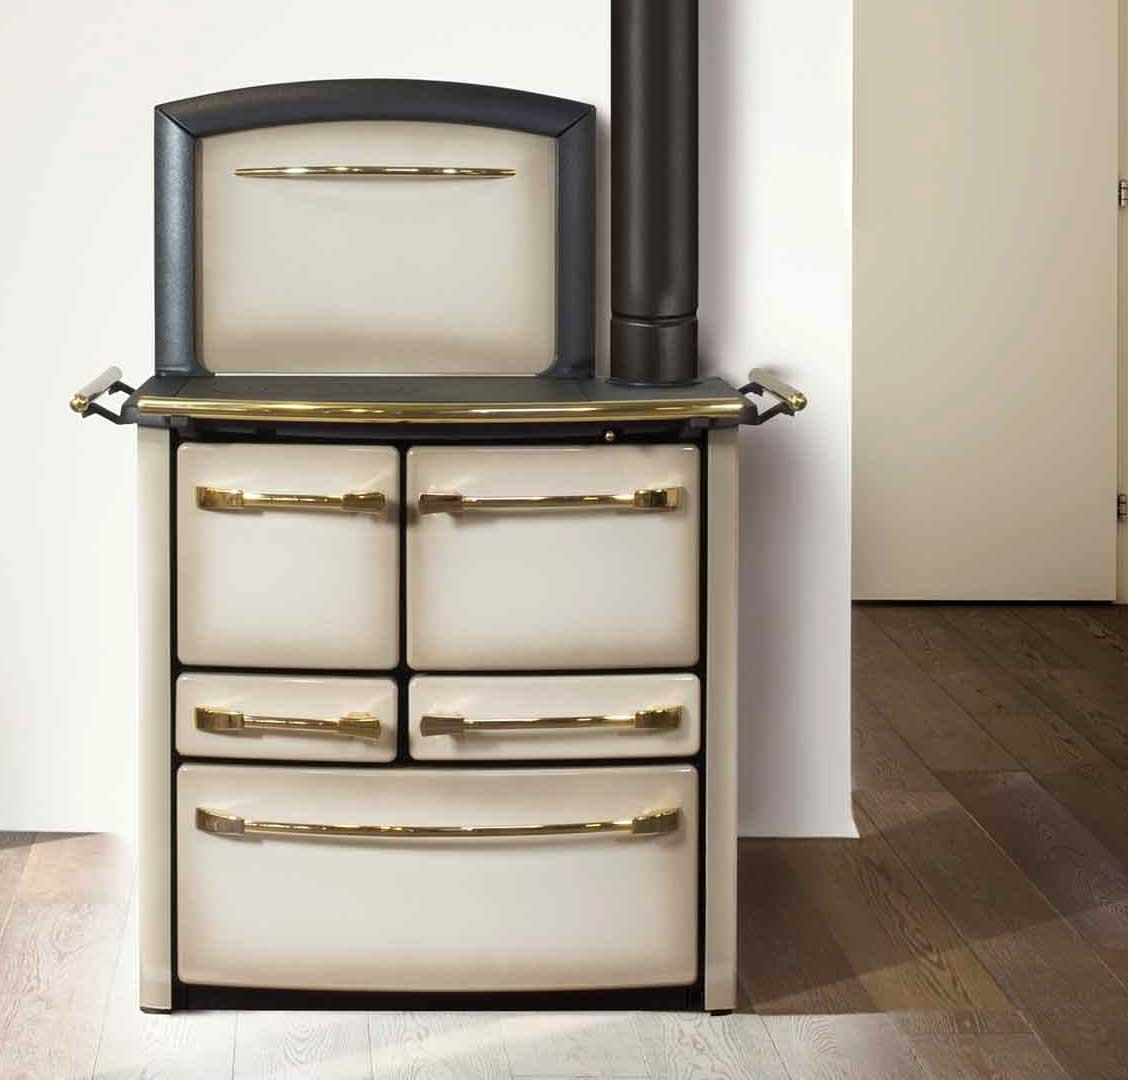 Cucina a legna Valentina 148 - 148 V Lincar - Caldaie Stufe ...